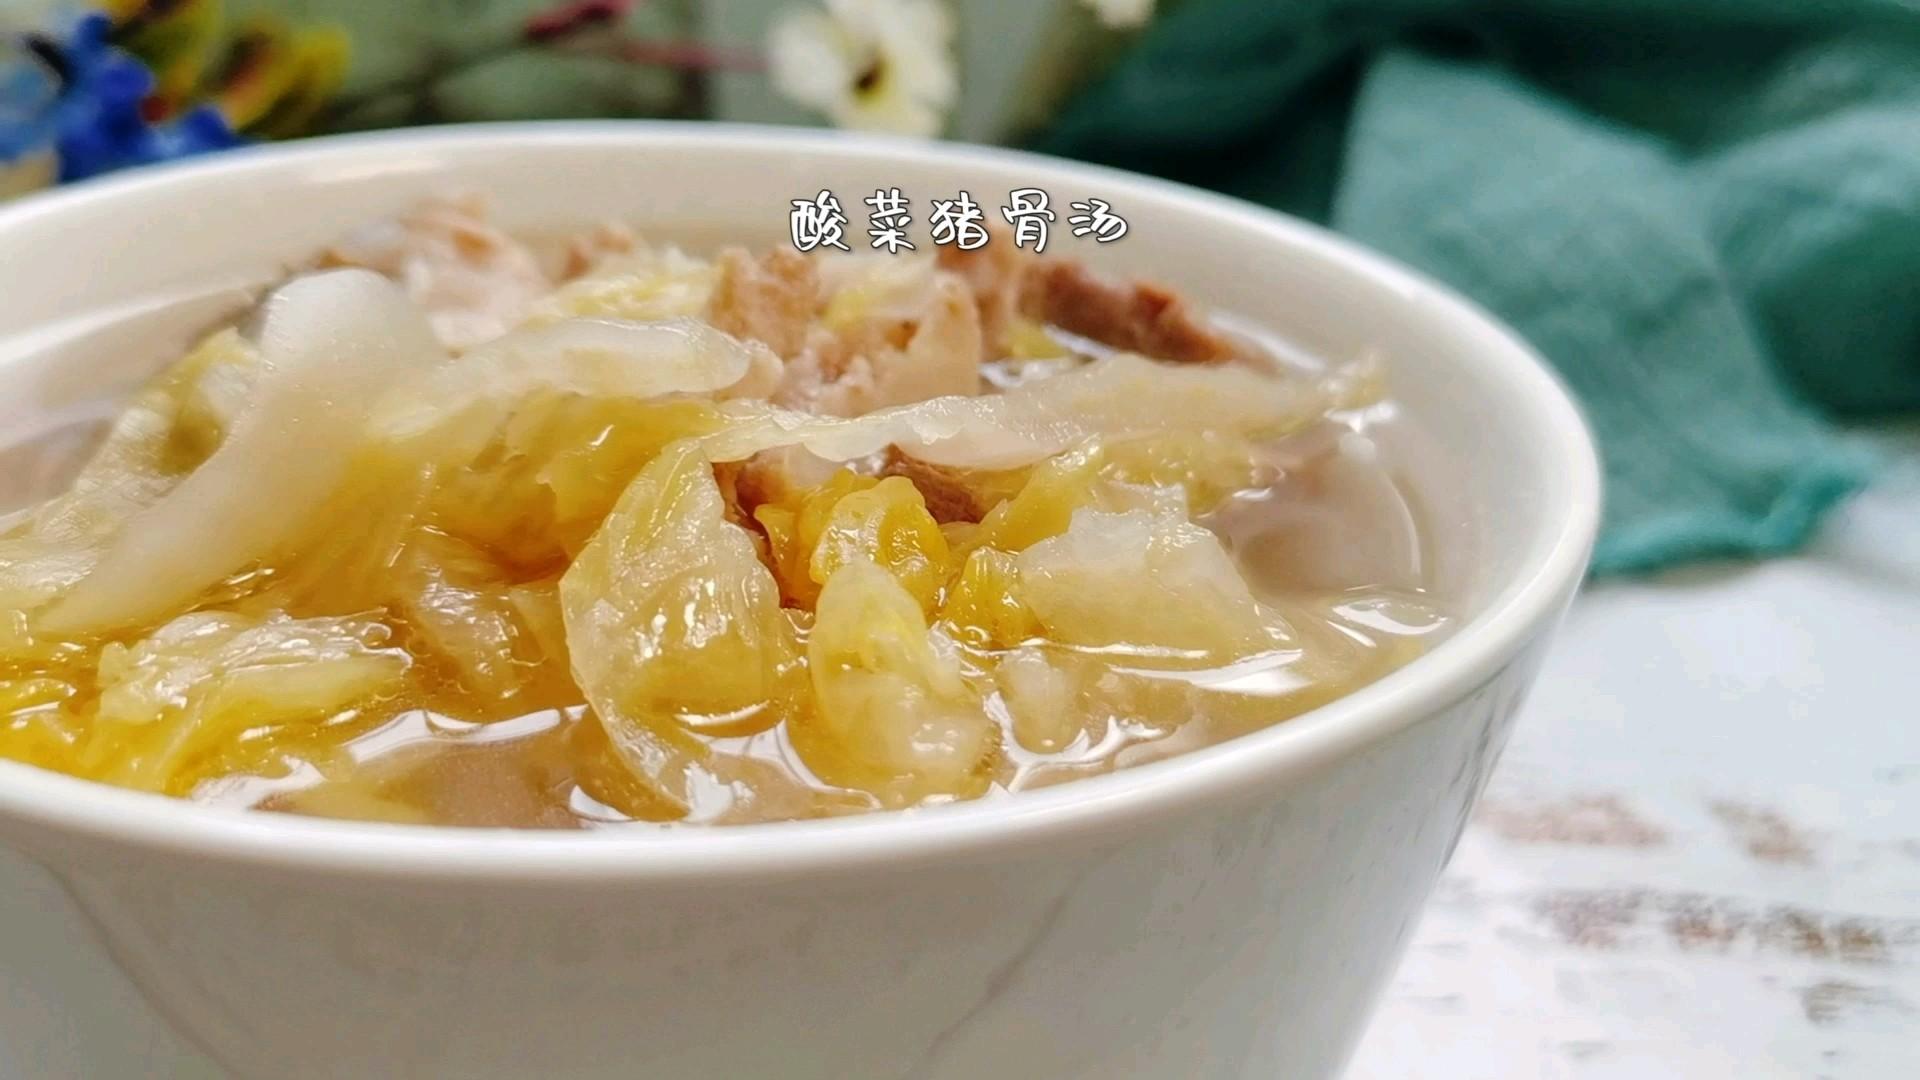 酸菜猪骨汤